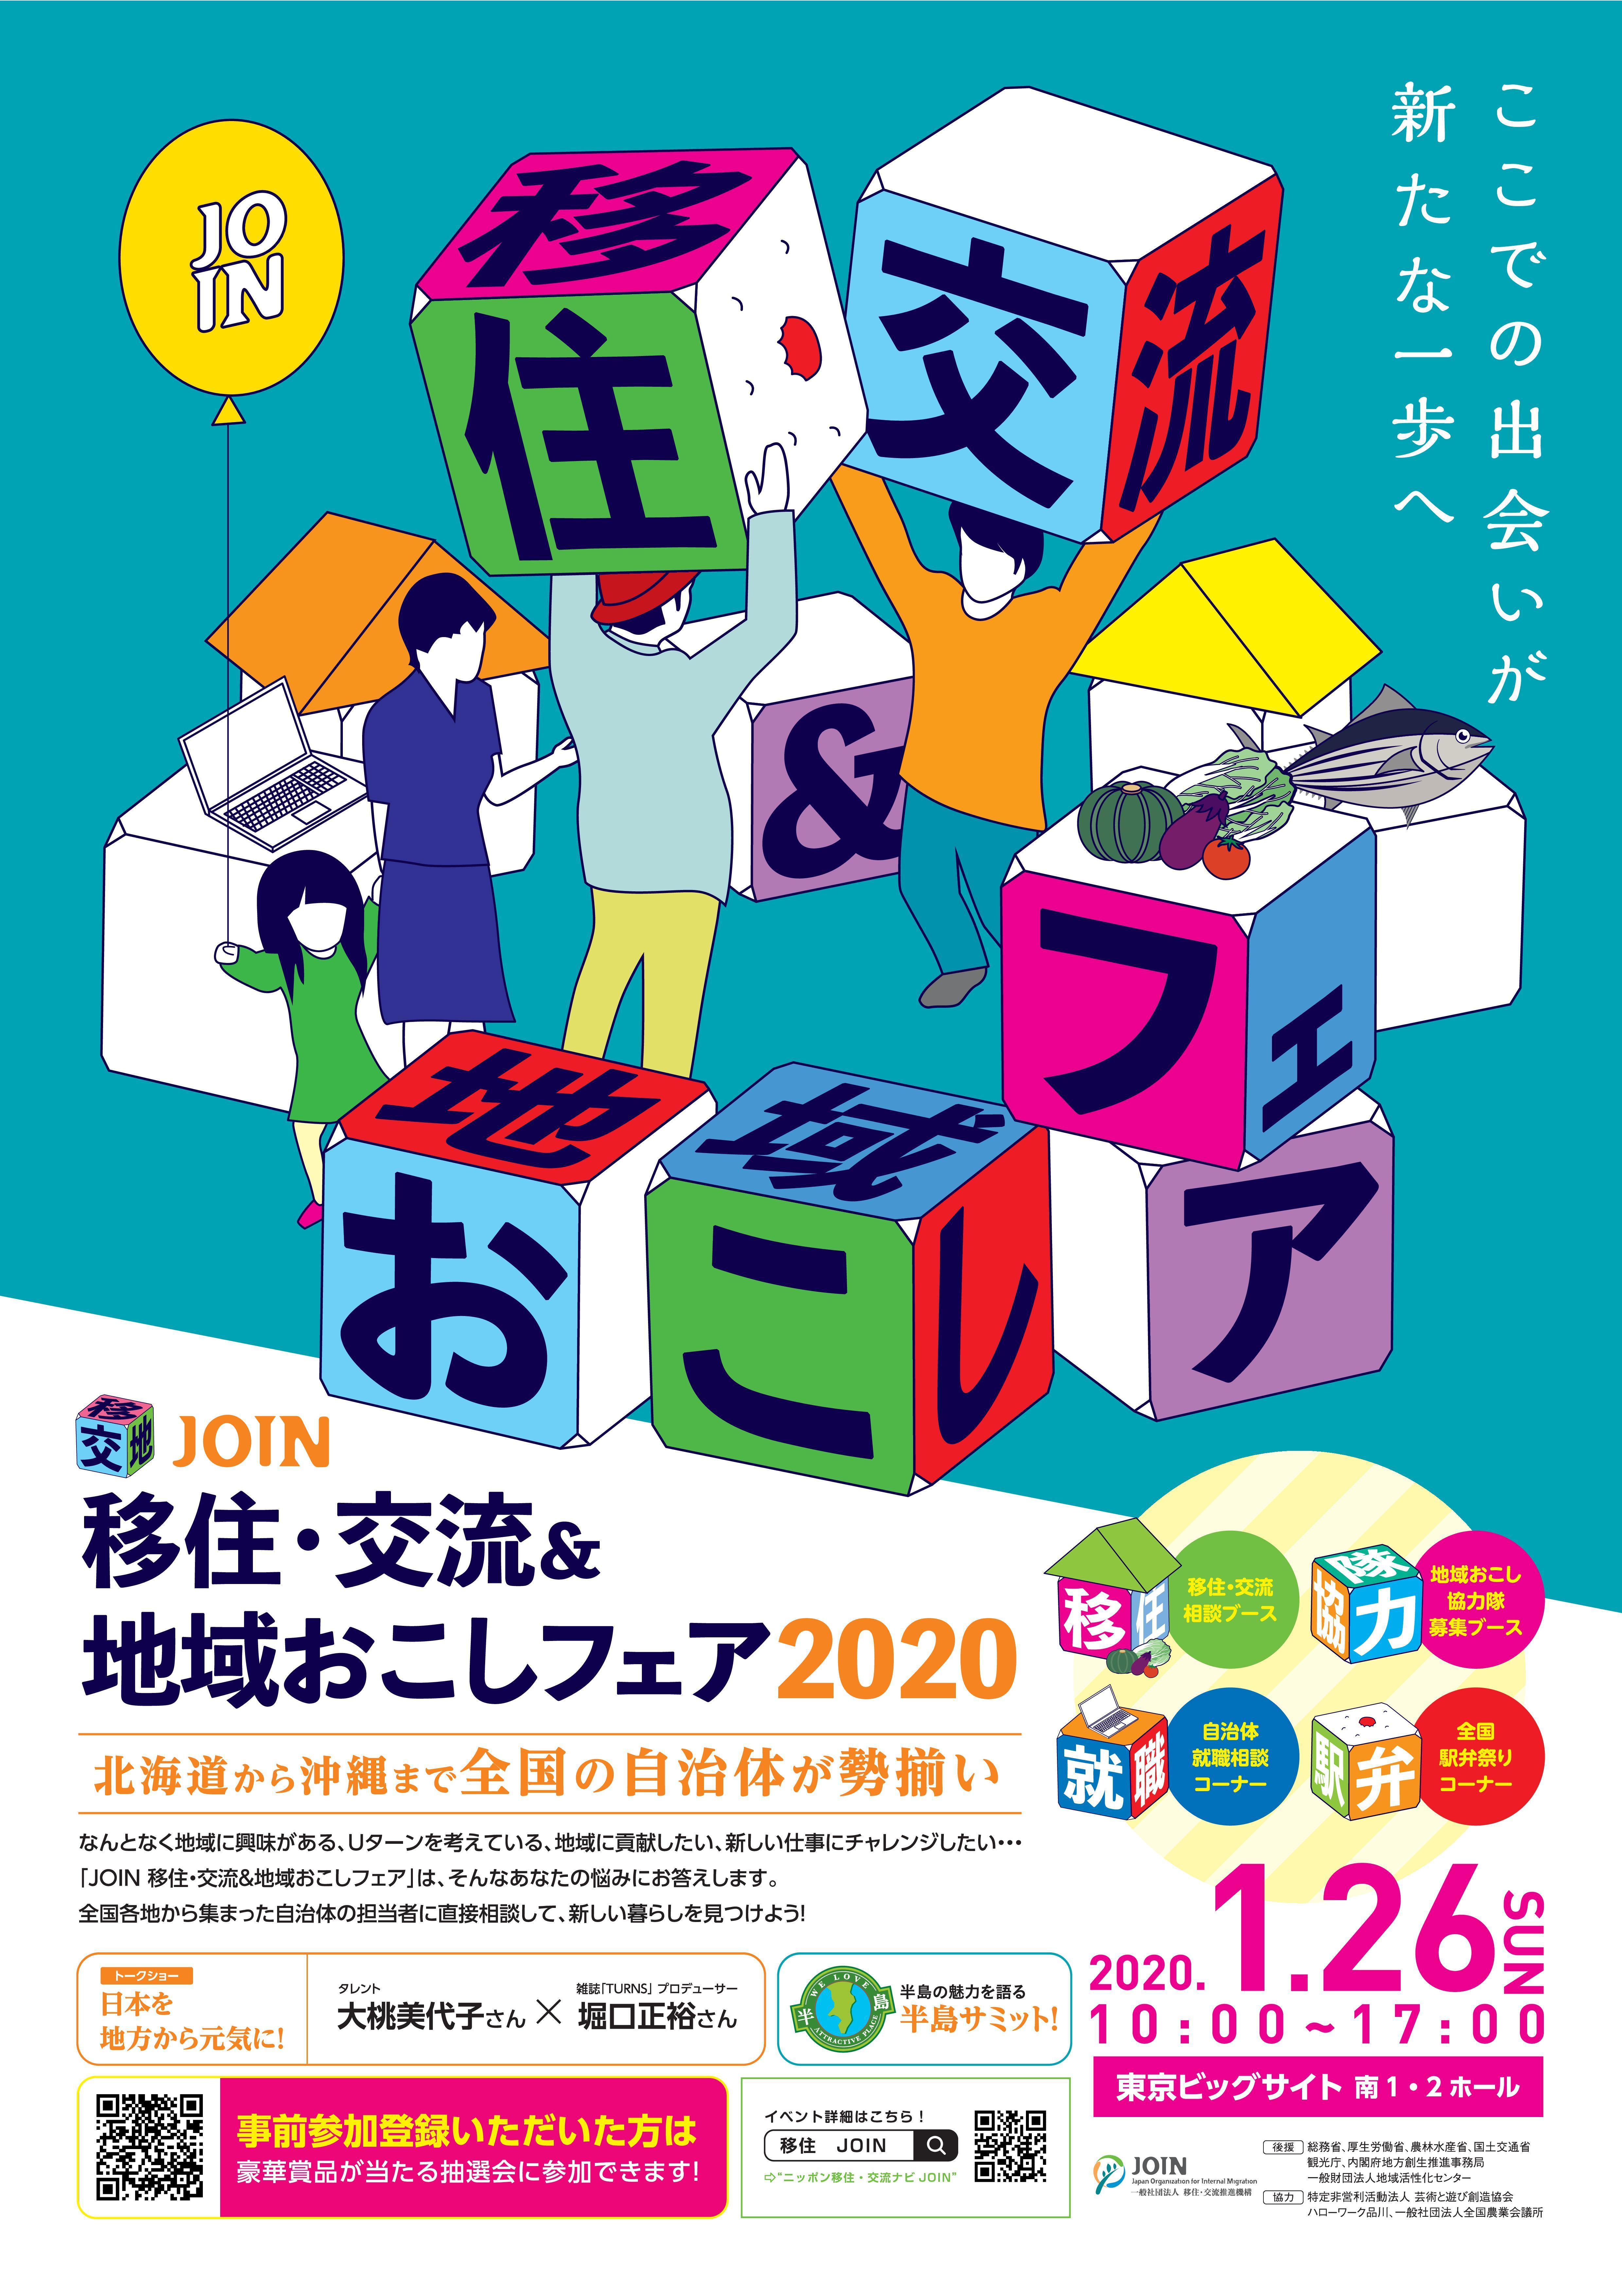 【1/26東京】JOIN移住・交流&地域おこしフェア2020に岡山県も出展します!